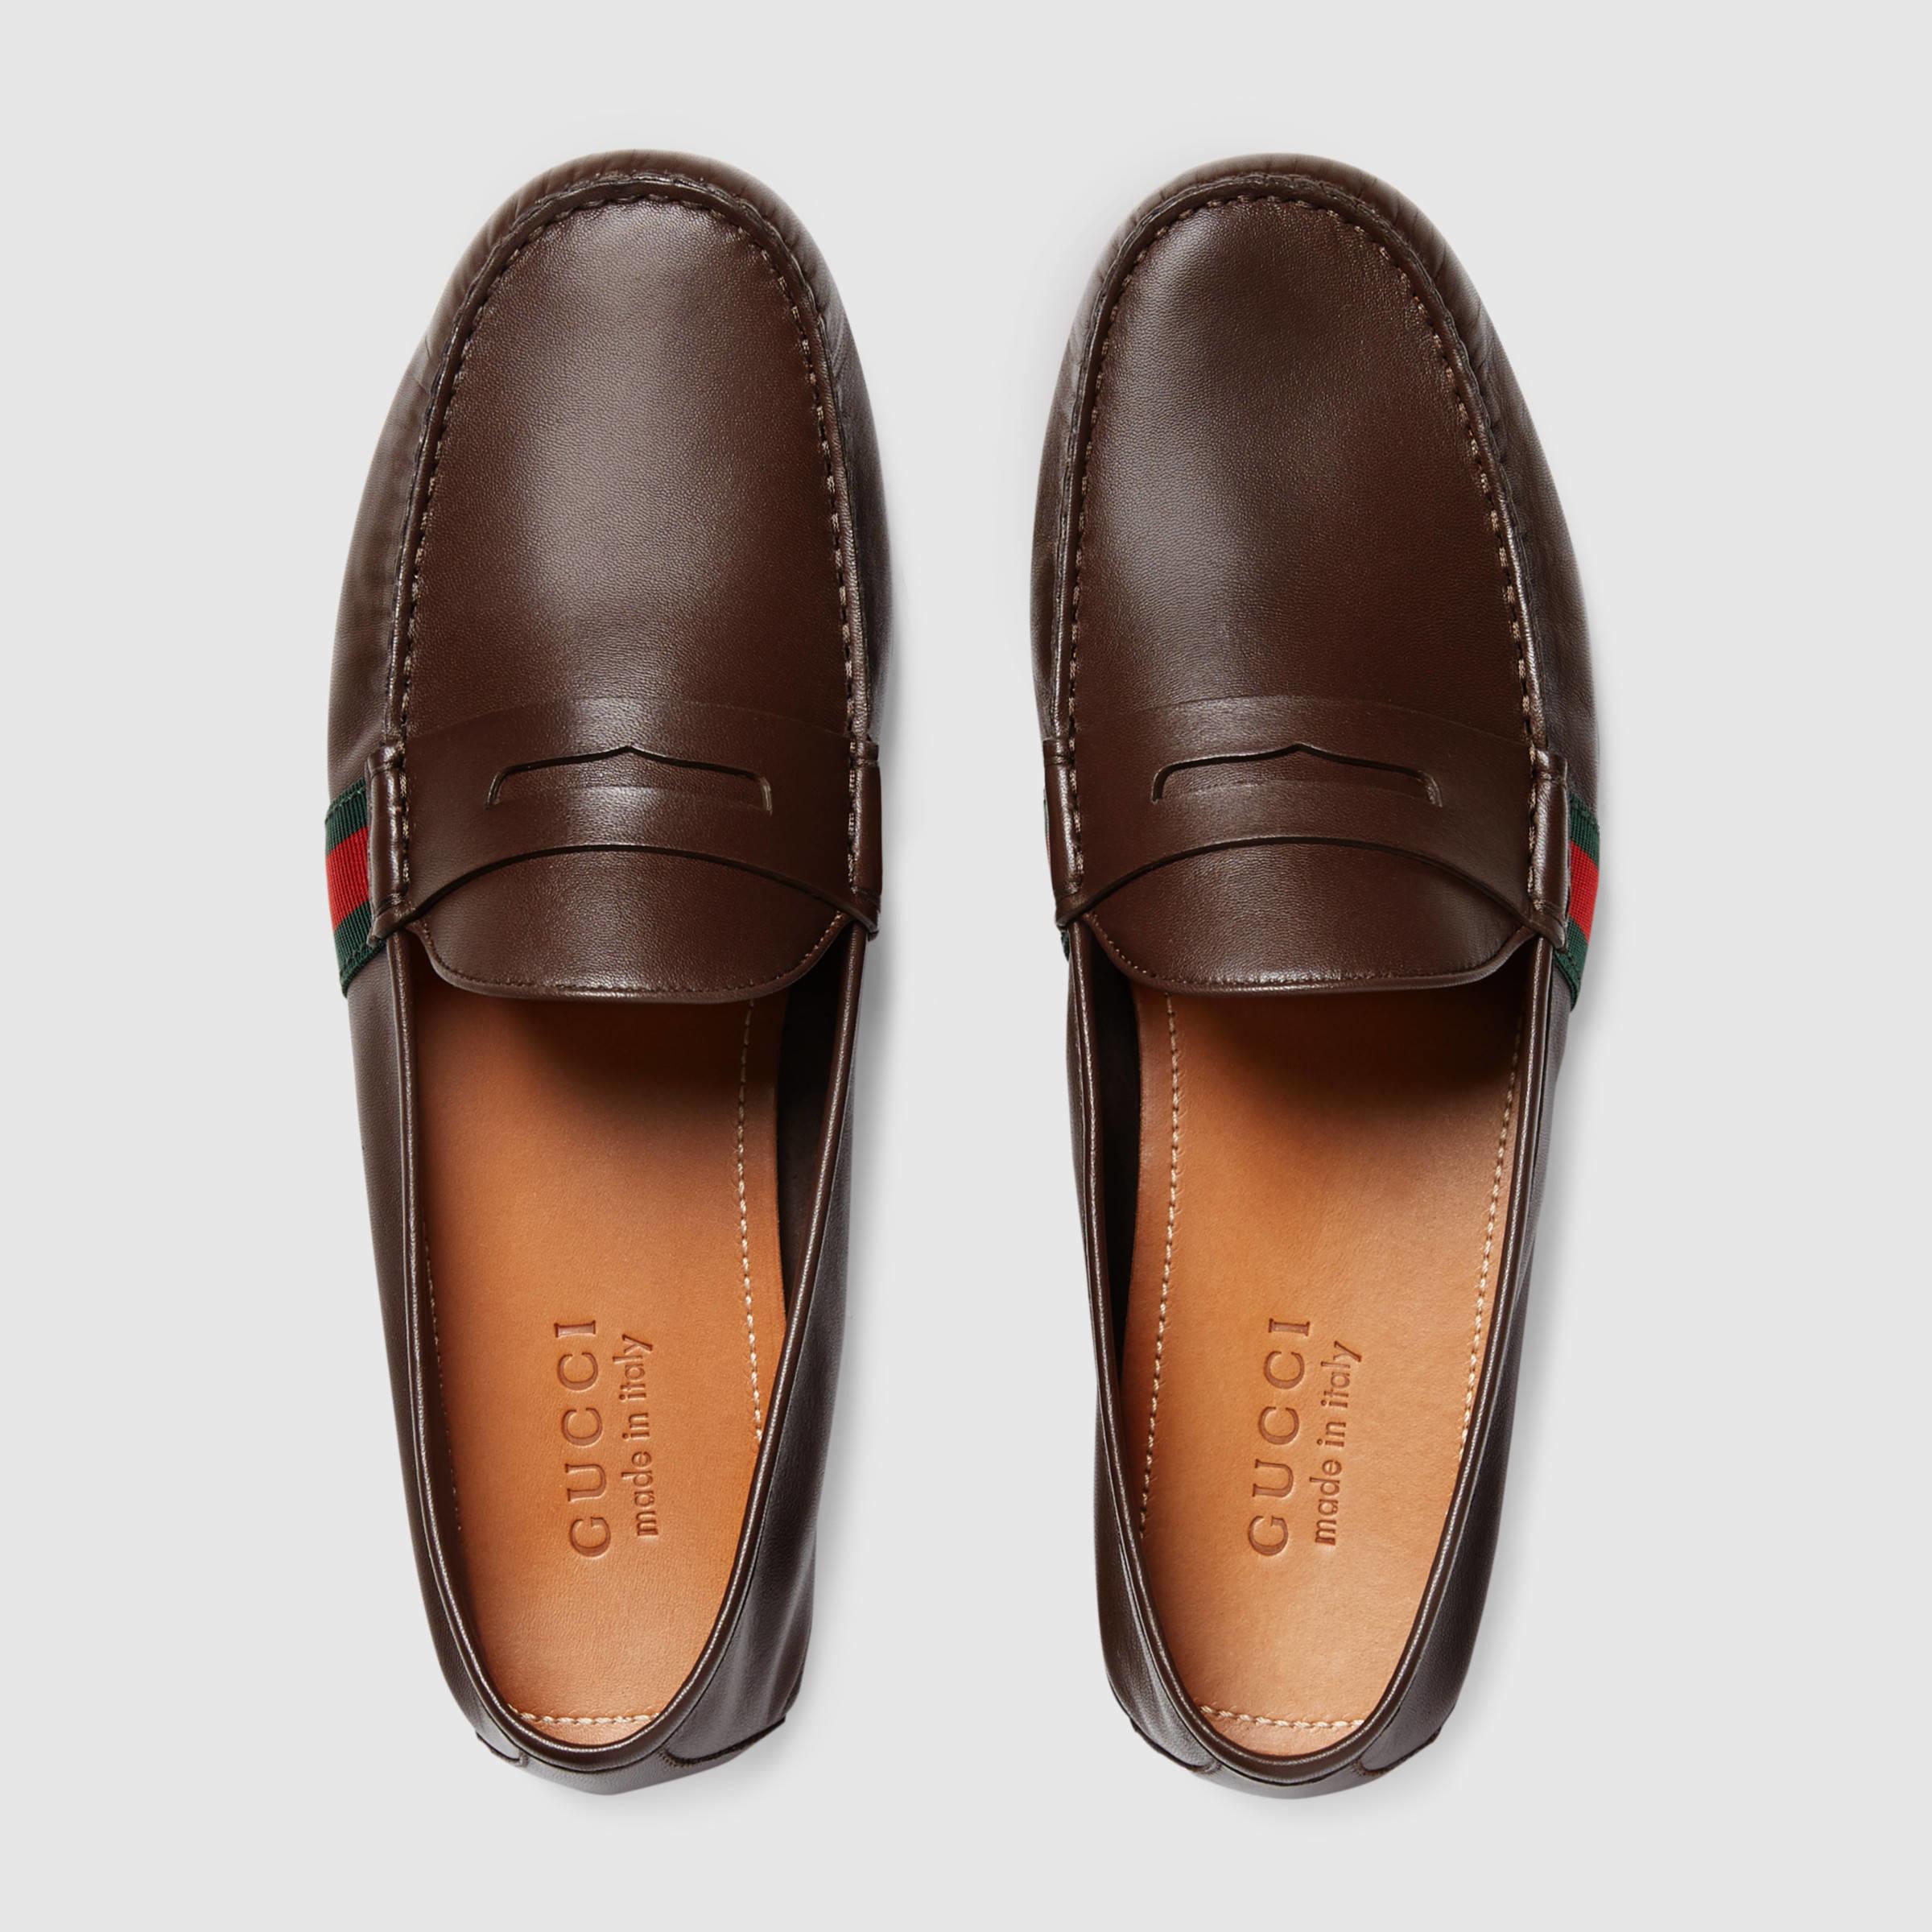 Lyst - Gucci Suede Fringe Horsebit Loafer in Natural for Men